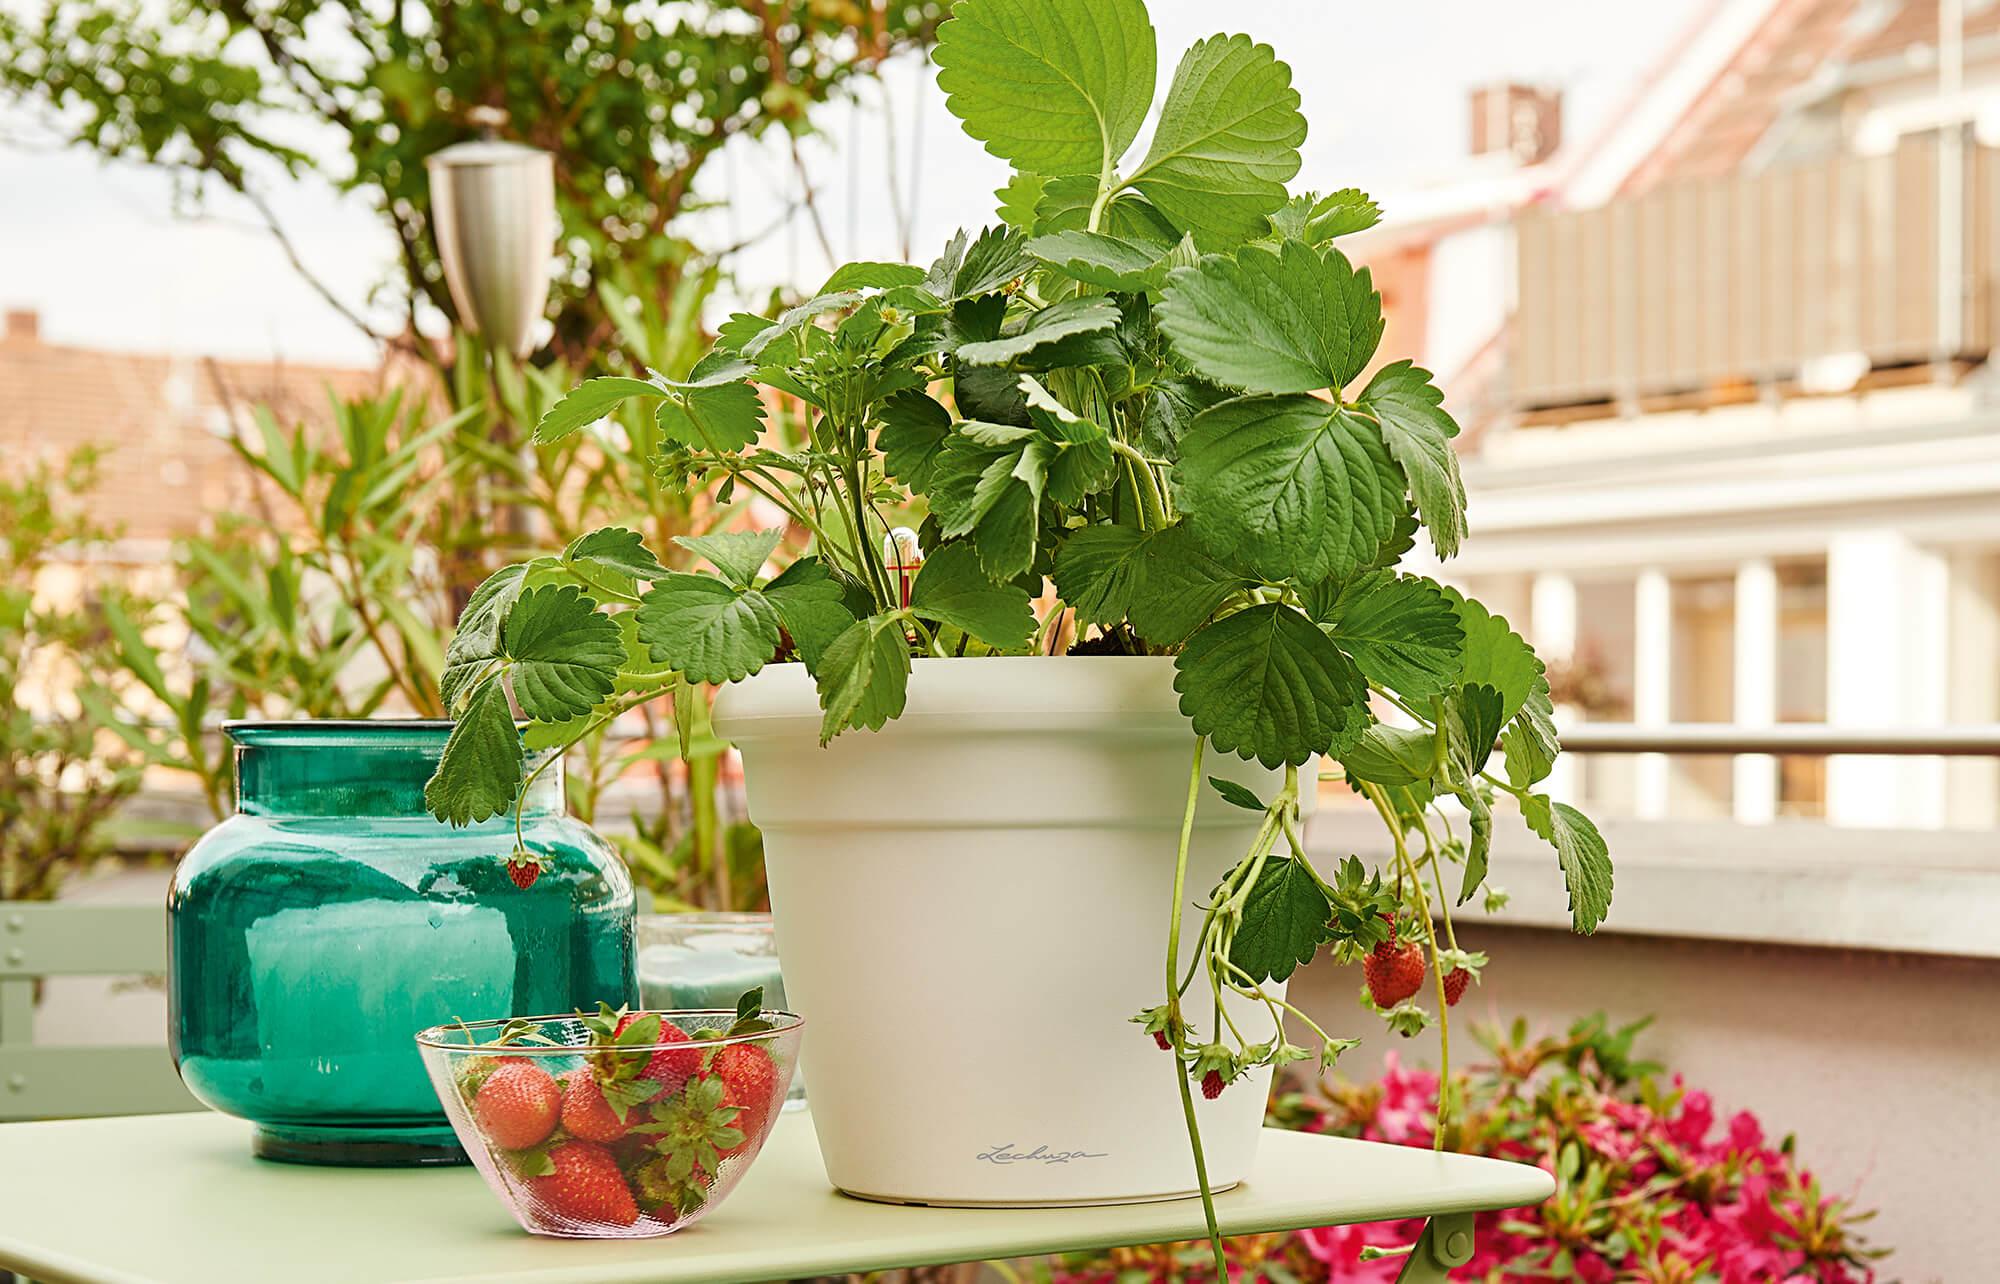 le_tw-urban-gardening_rustico_w.png